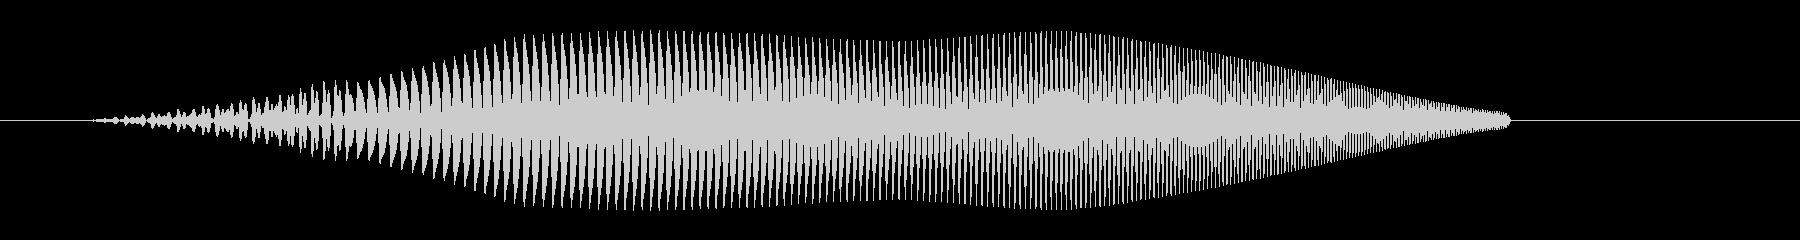 「ぷぅあっ」て感じのかわいい音ですの未再生の波形